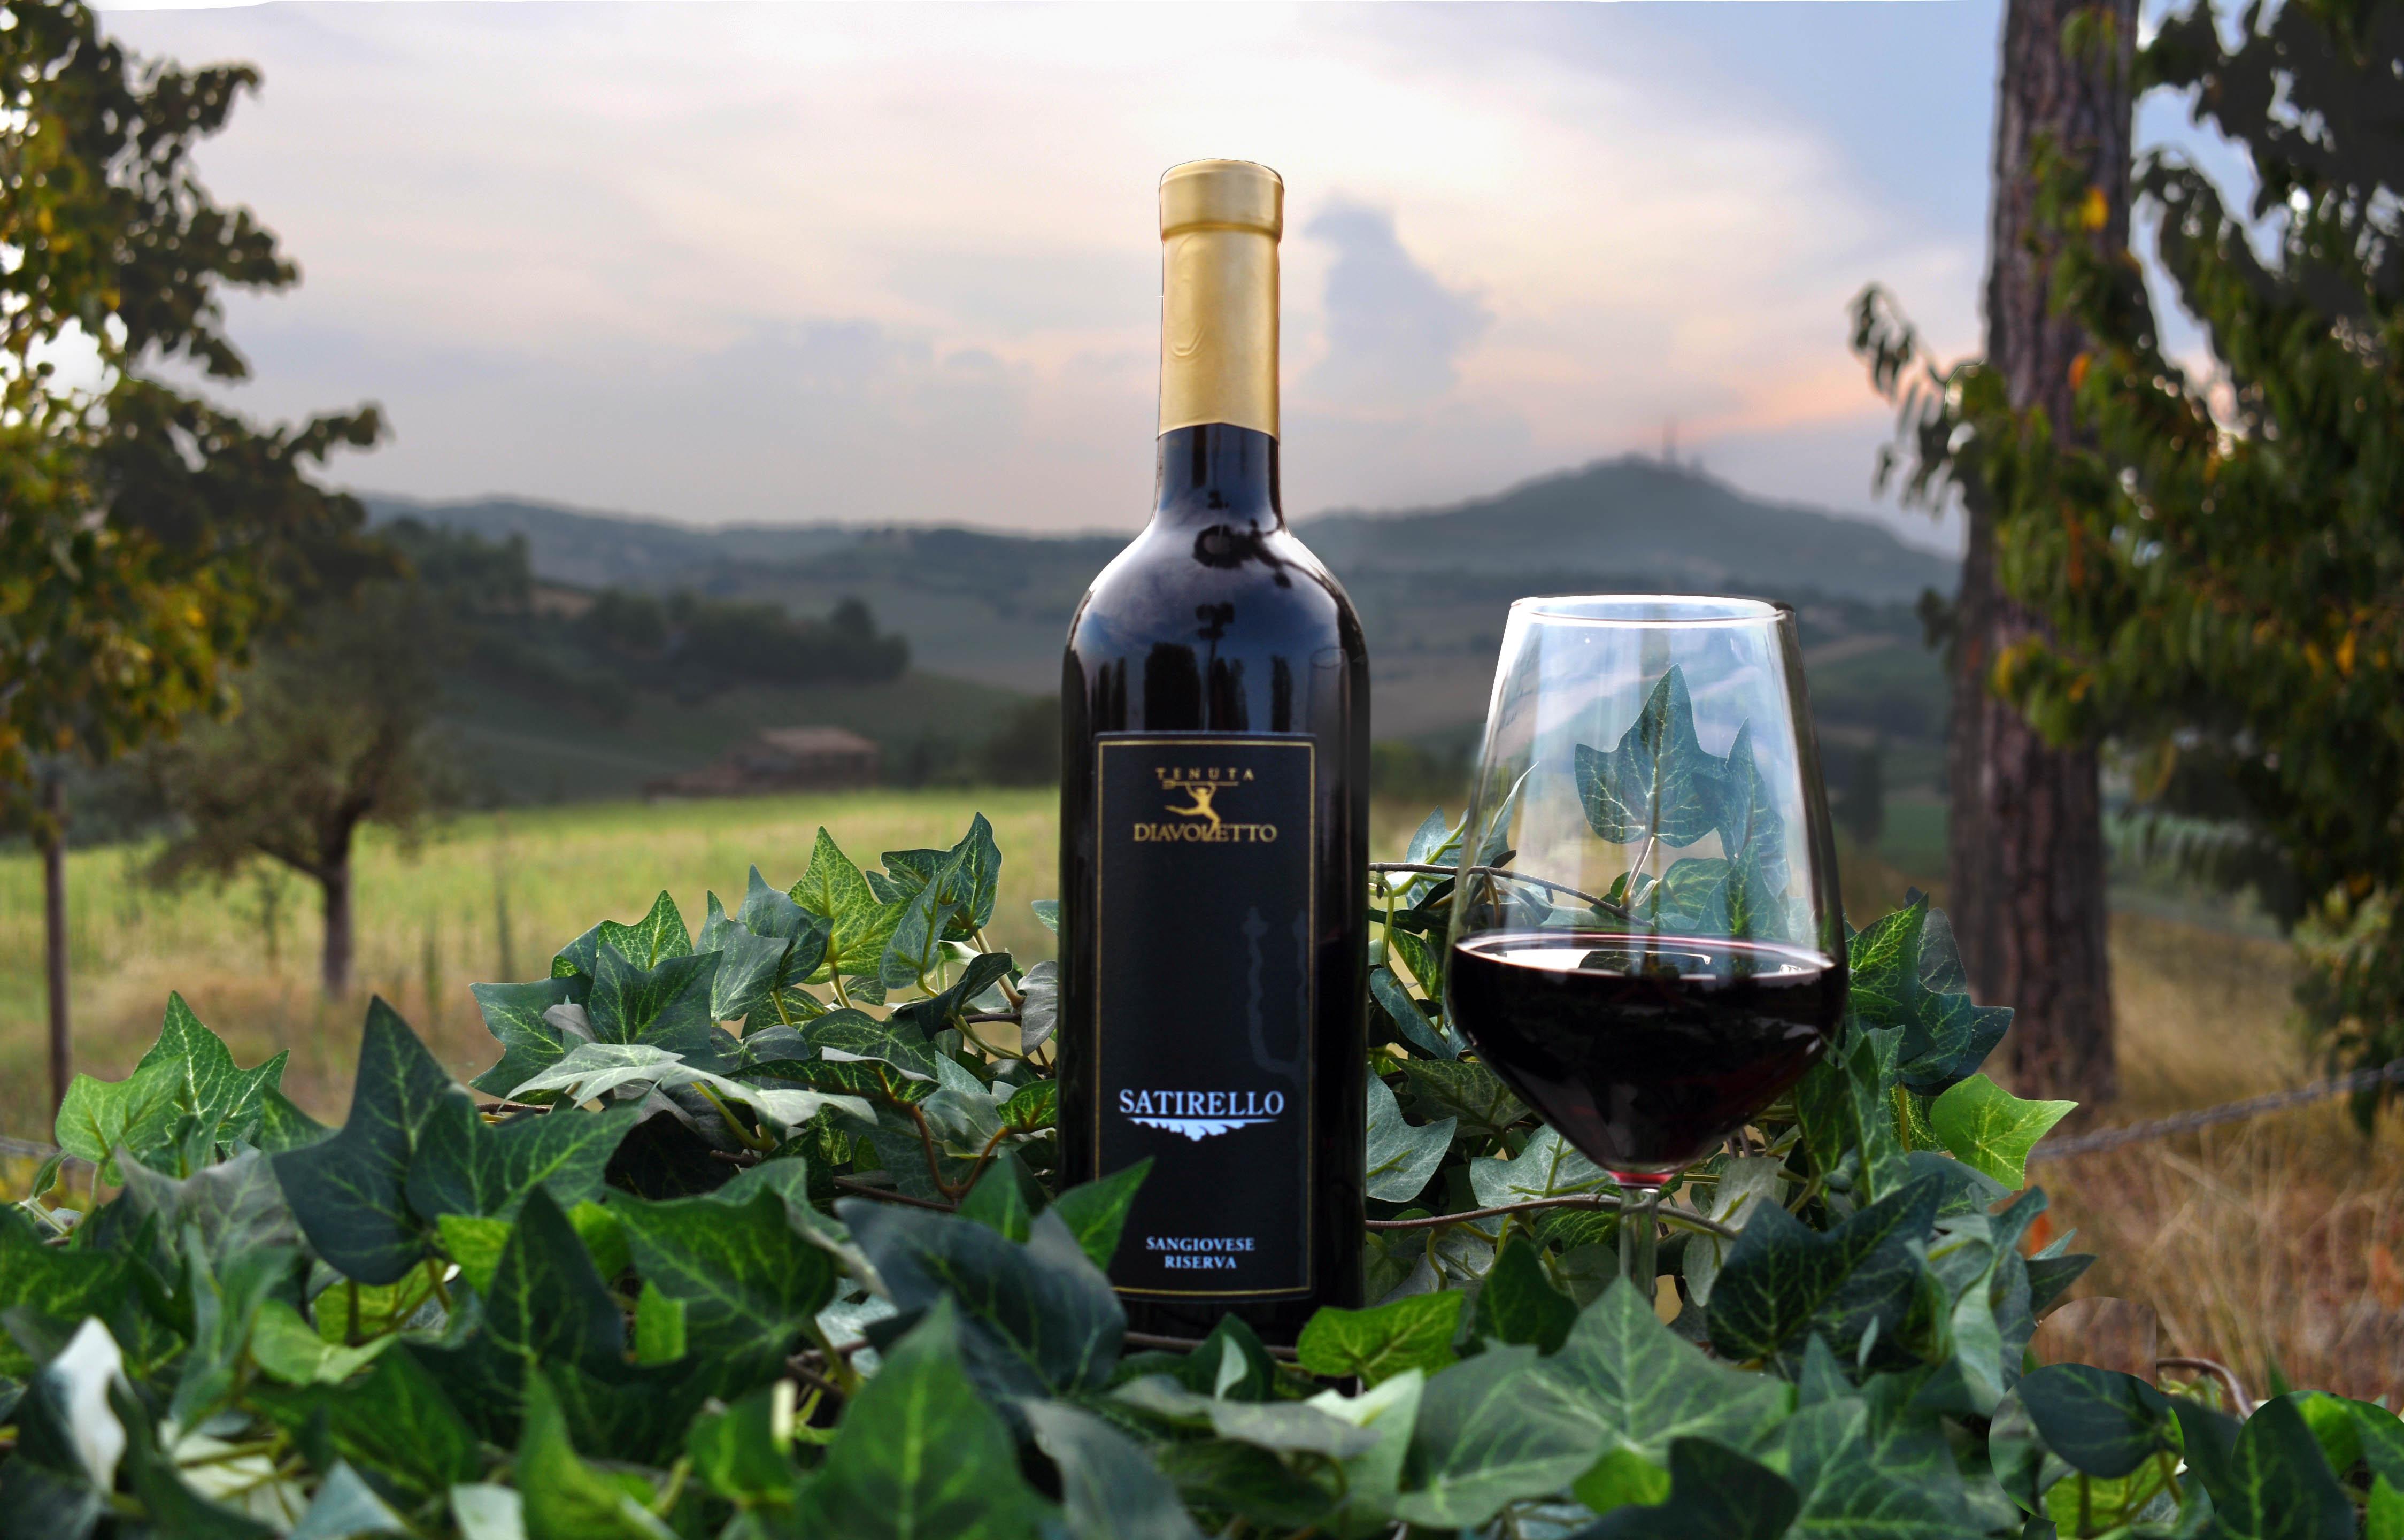 Sangiovese-Riserva-Satirello-premiato-al-Merano-Wine-Festival